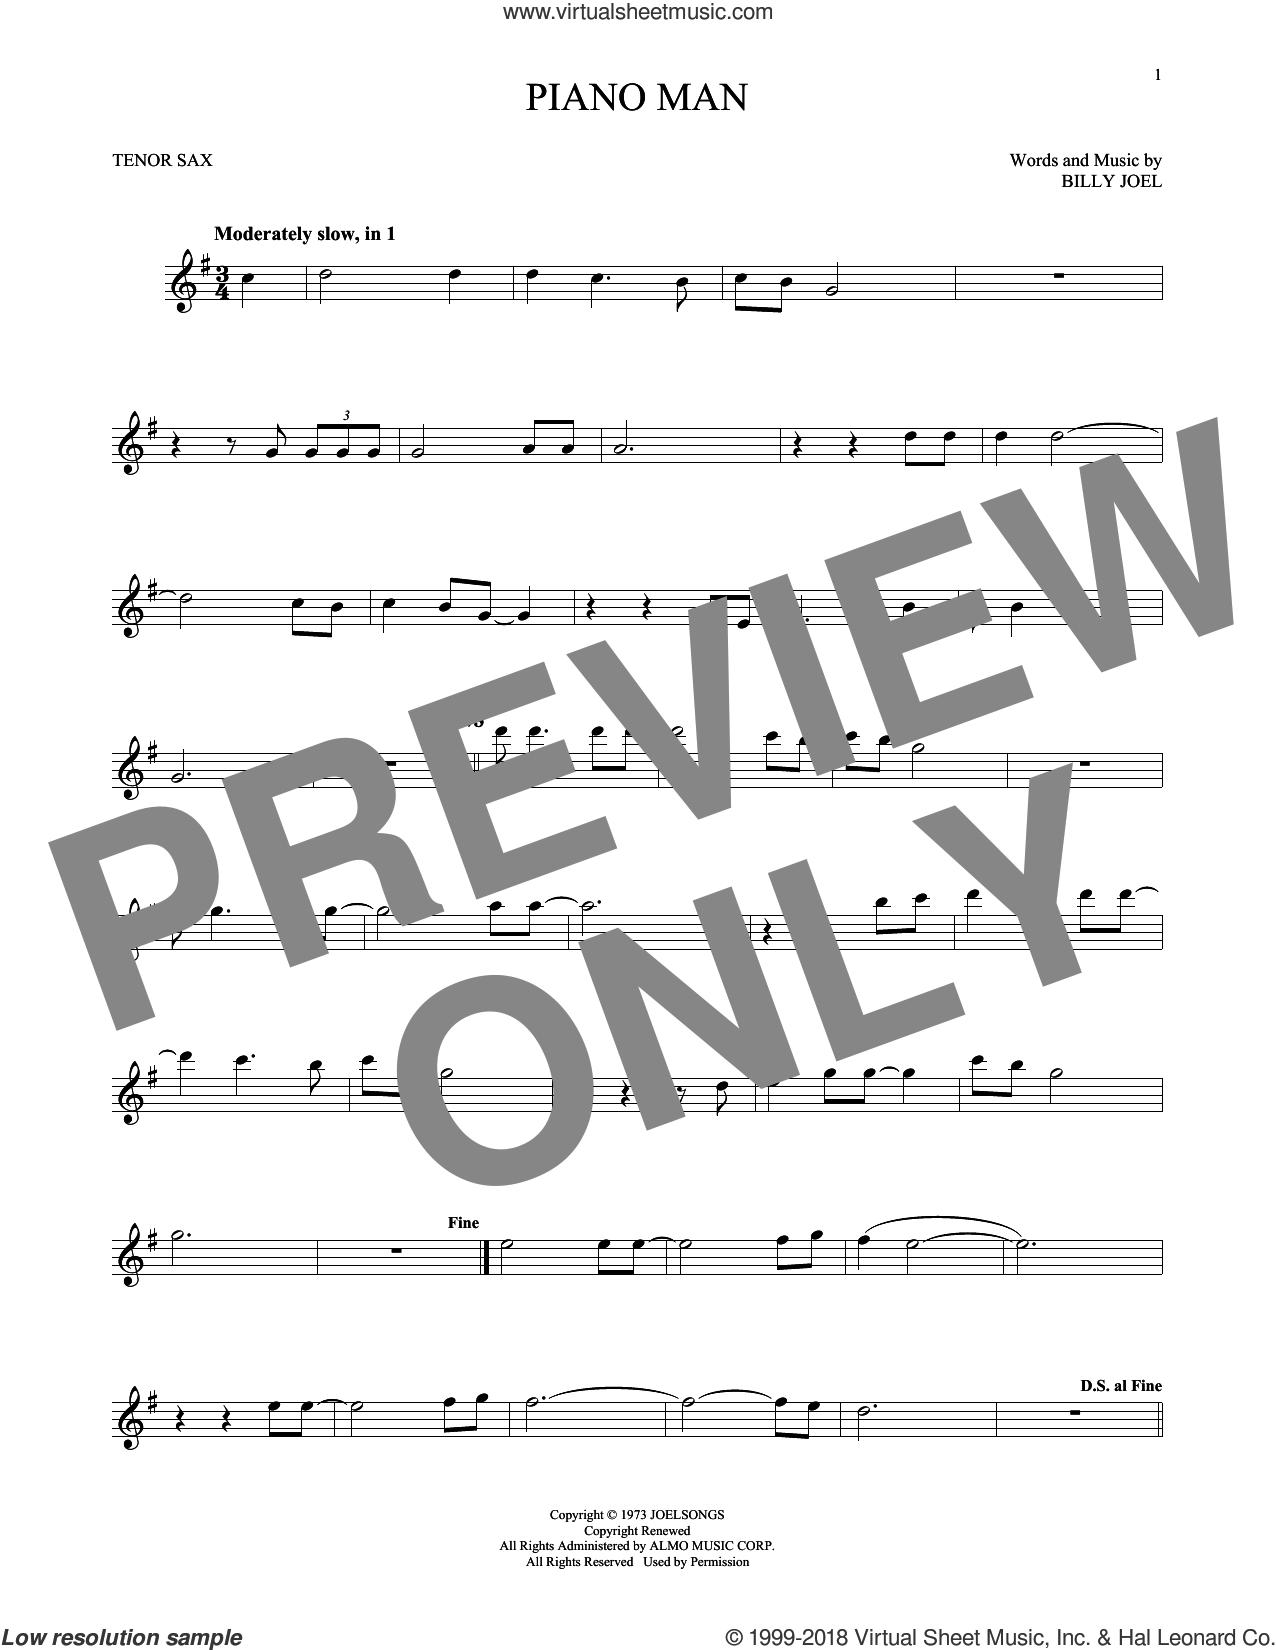 joel - piano man sheet music for tenor saxophone solo [pdf]  virtual sheet music